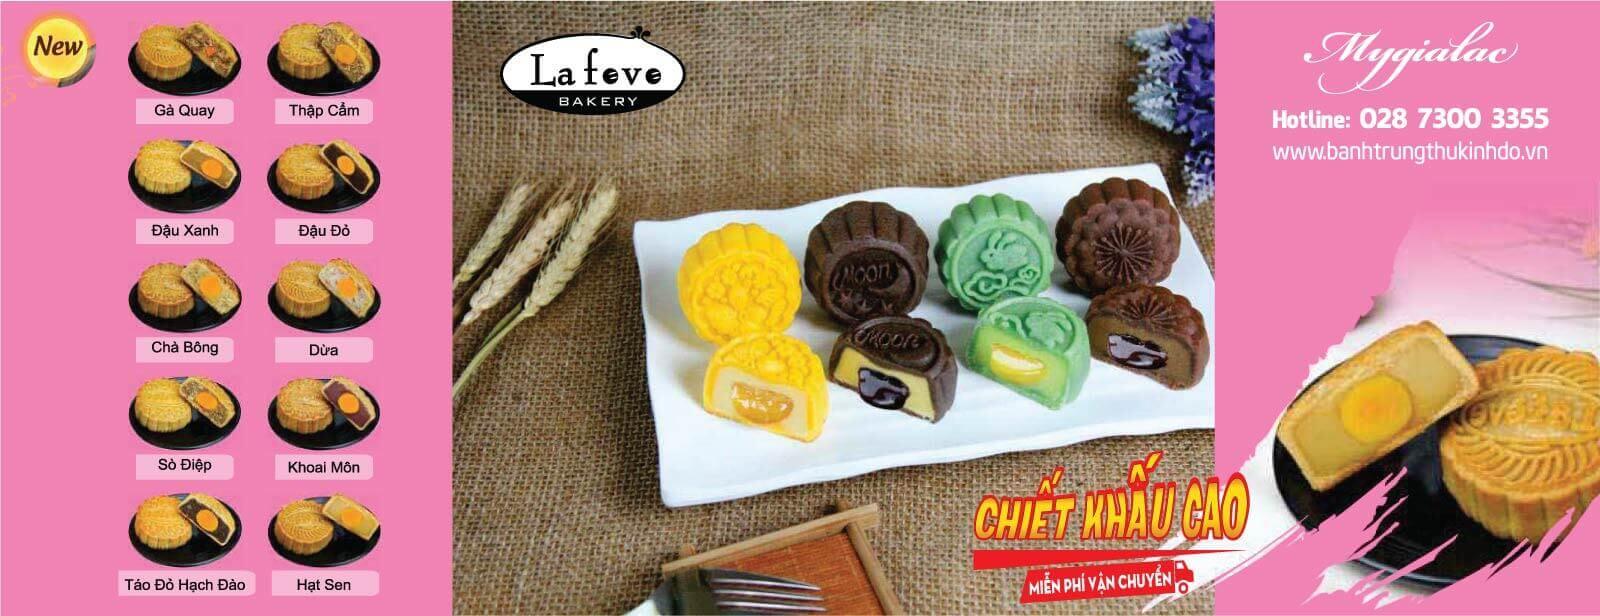 Bánh Trung Thu Lafeve 2018